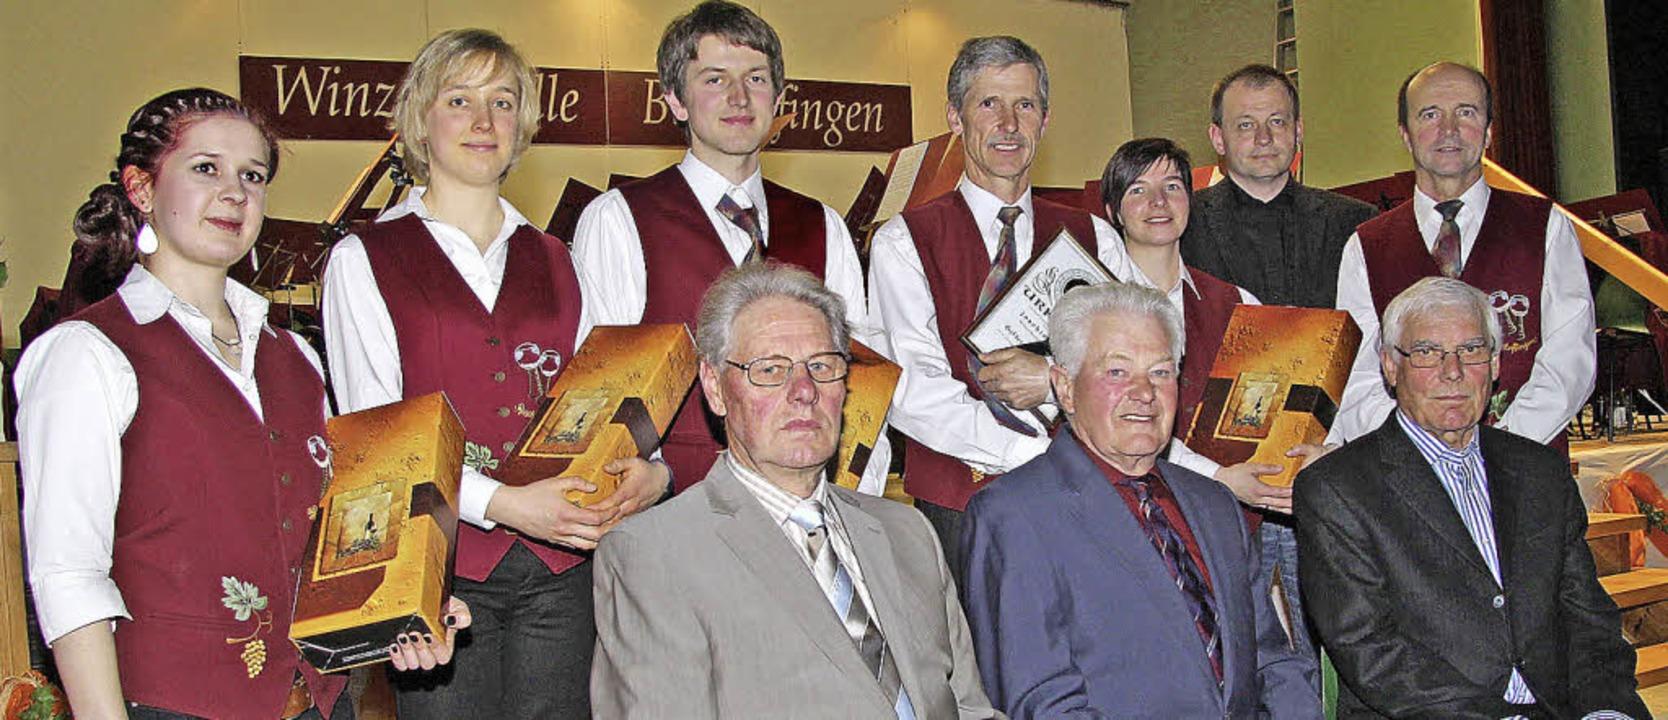 Die  Winzerkapelle Bischoffingen ehrte Mitglieder für langjährige Treue.     Foto: herbert trogus